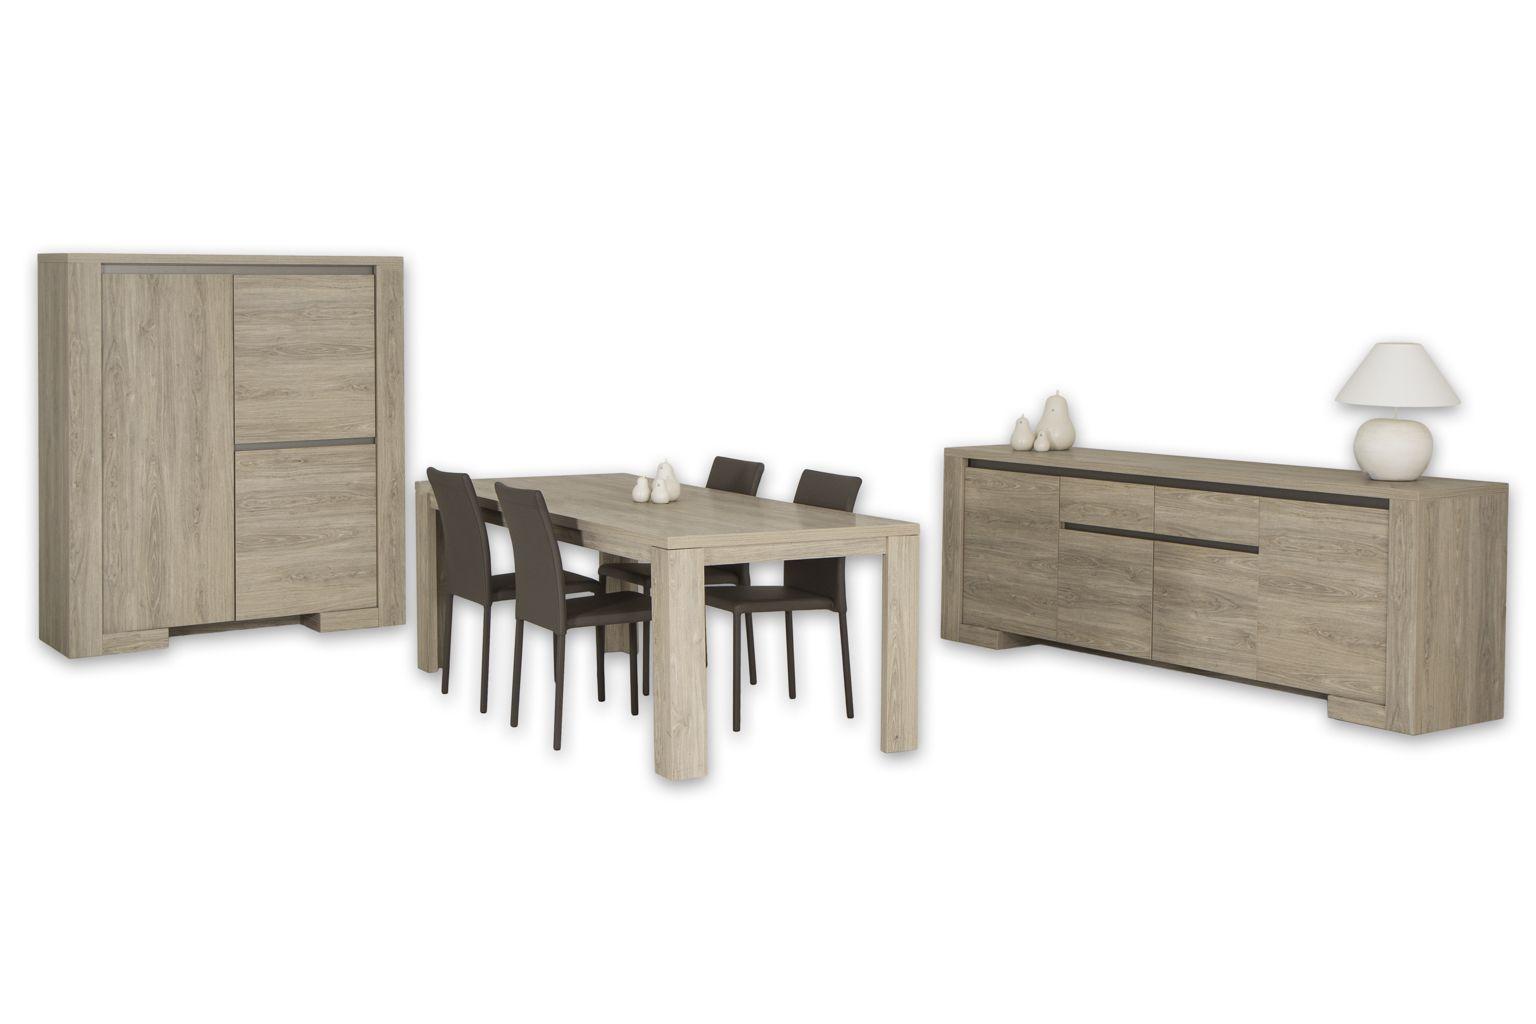 Eetkamer weba meubelen gent en deinze oost for Webshop meubels